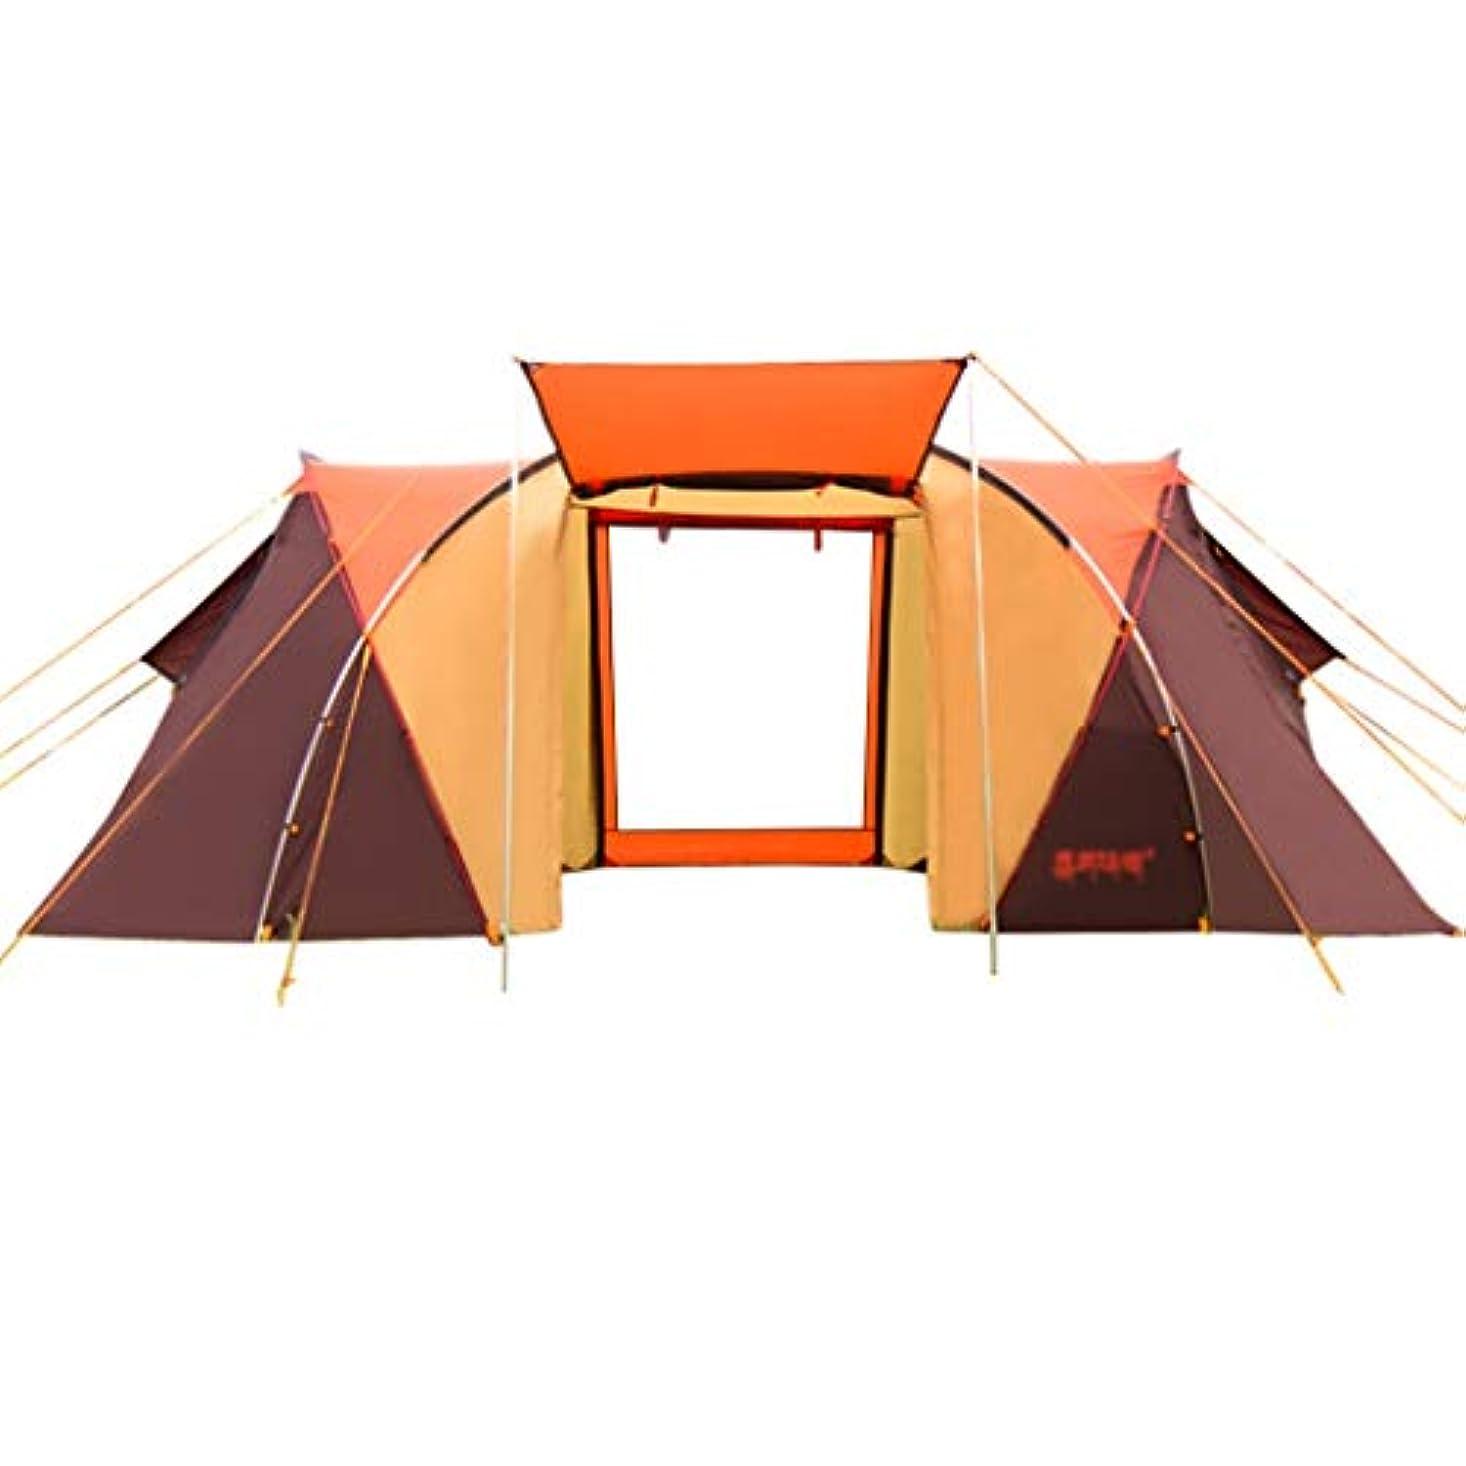 ビット機密散文テント?タープ/テント テントウルトラライトトンネルテントキャンプ屋外テント品質キャンプキャンプテント4-6人2部屋1ベッドルームファミリーテント (Color : Orange, Size : 480*230*195/175cm)